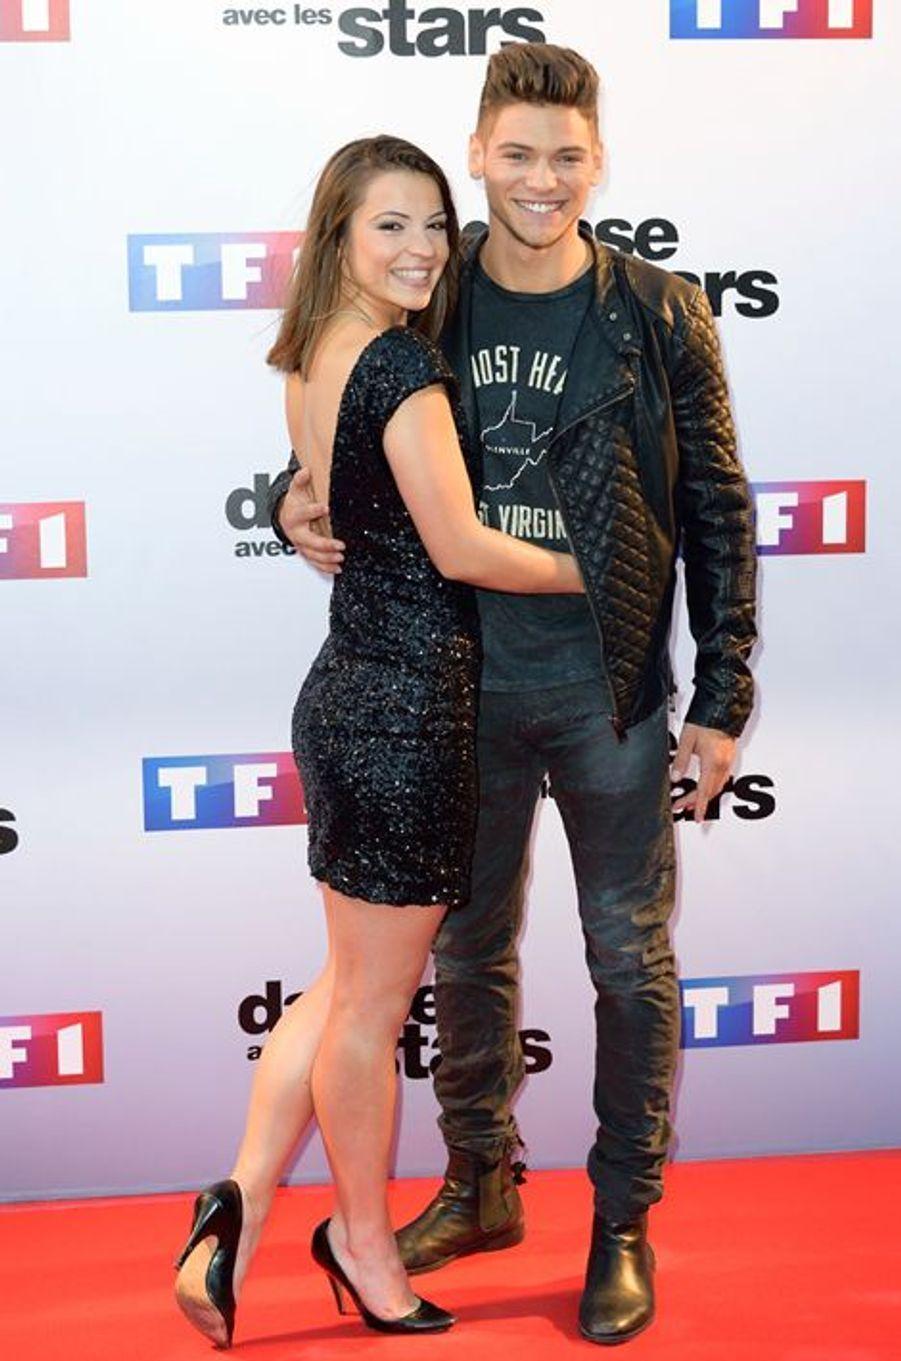 Danse avec les stars 5 : l'acteur Rayane Bensetti et sa partenaire Denitsa Ikonomova.